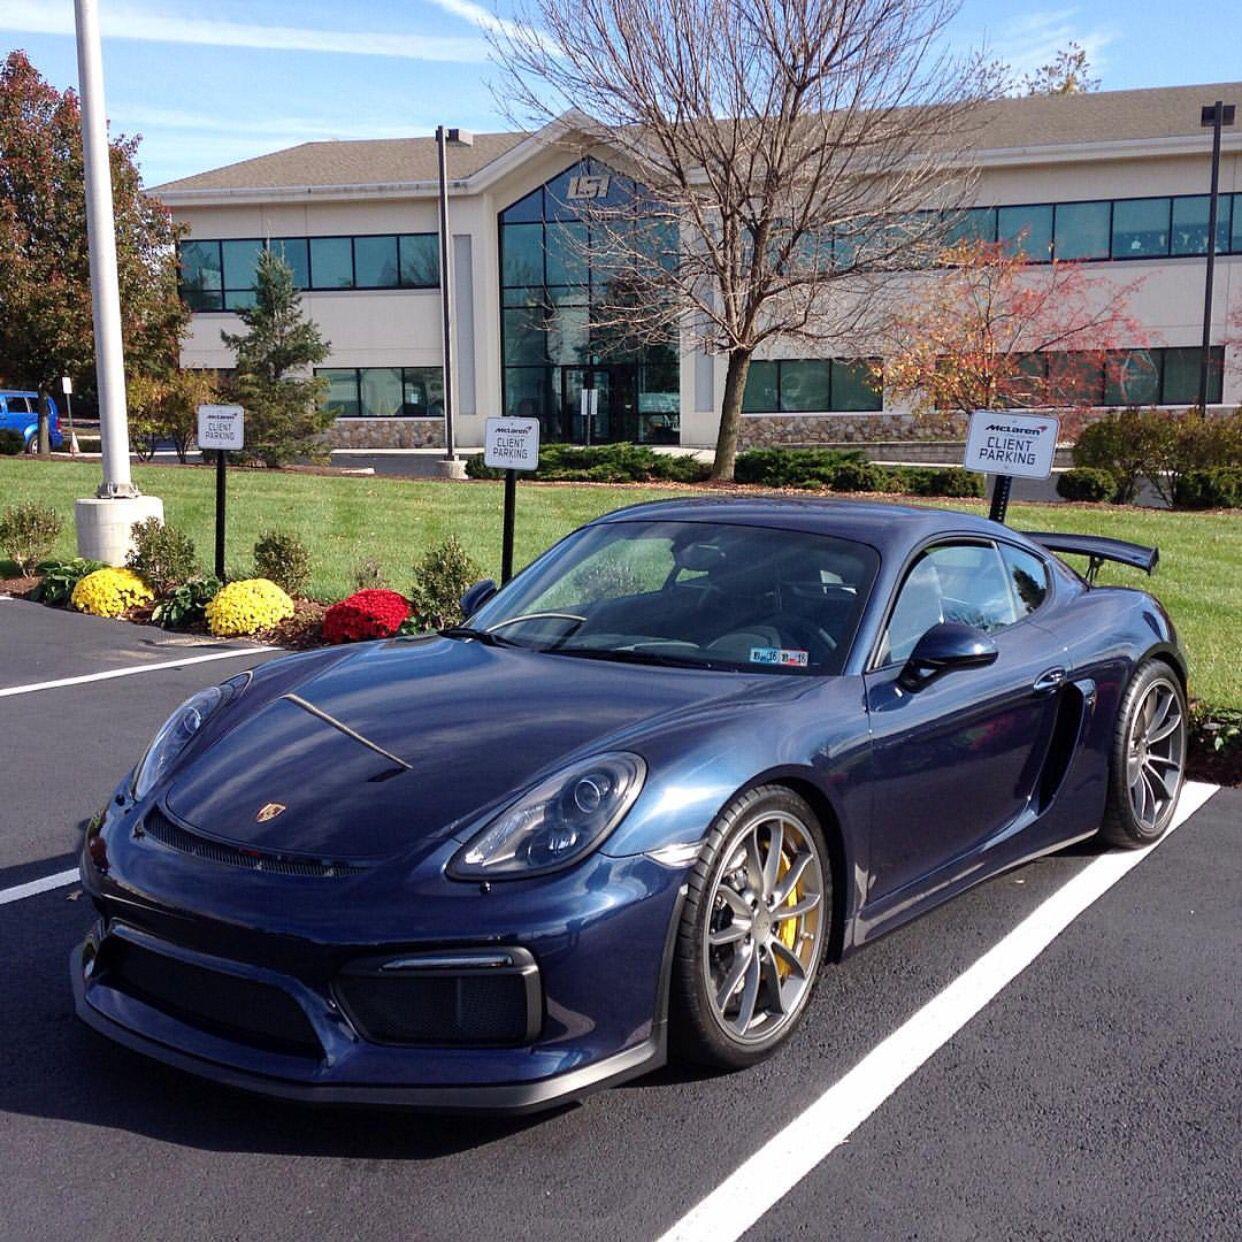 Porsche Cayman GT4 painted in Dark Blue Metallic Photo taken